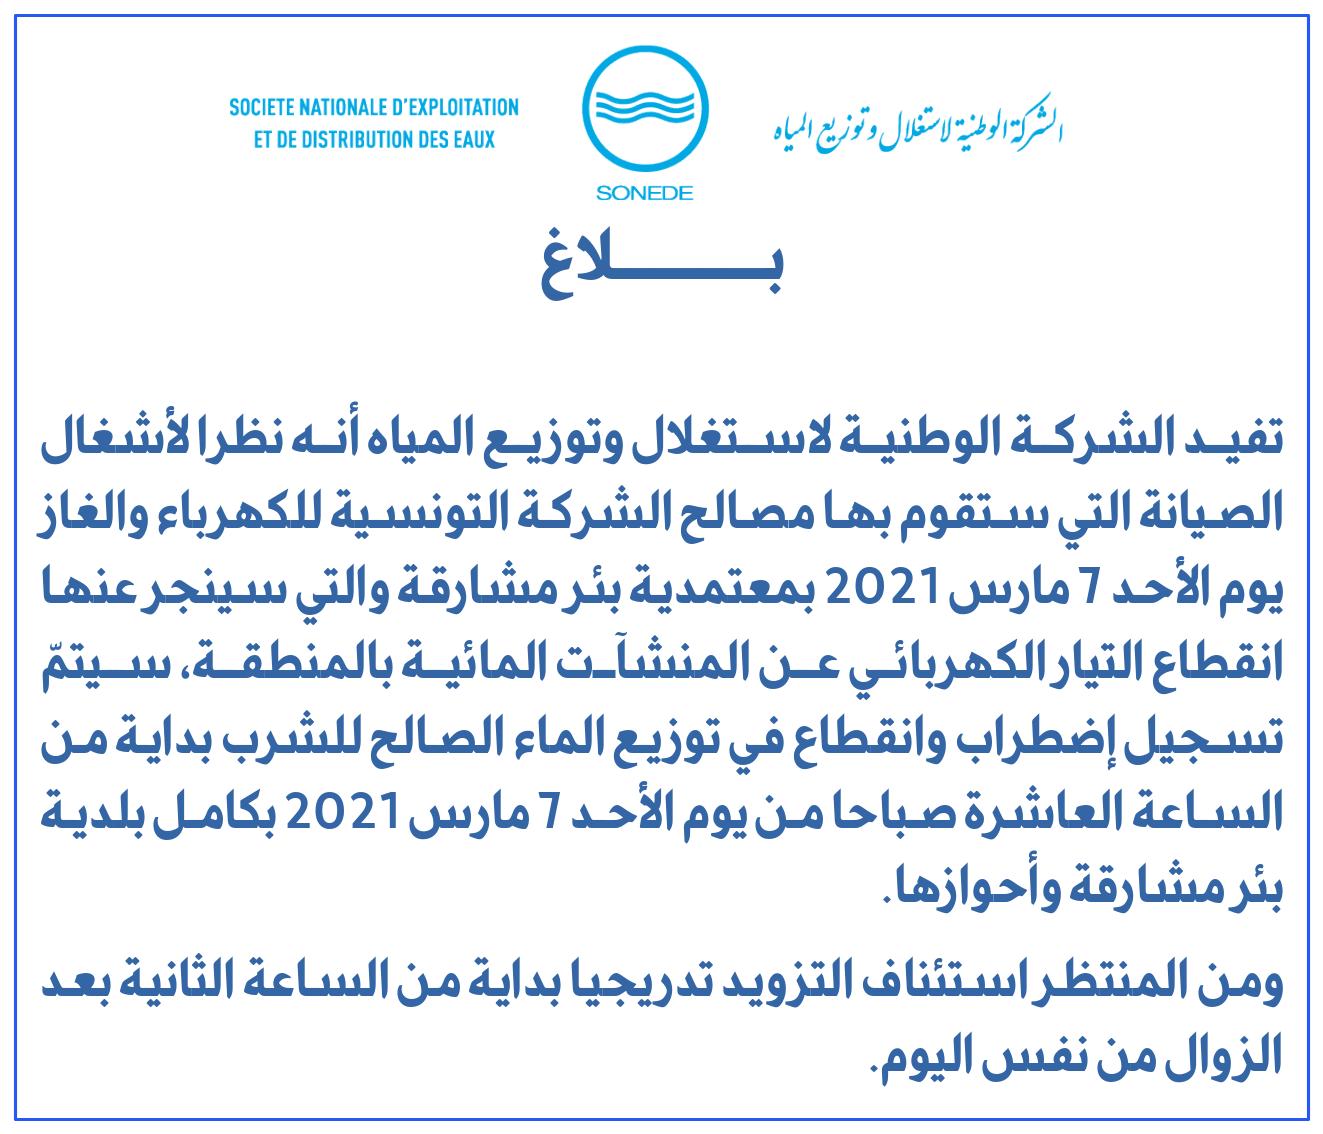 بيان - الشركة التونسية لإستغلال و توزيع المياه 05/03/2021 (صور)